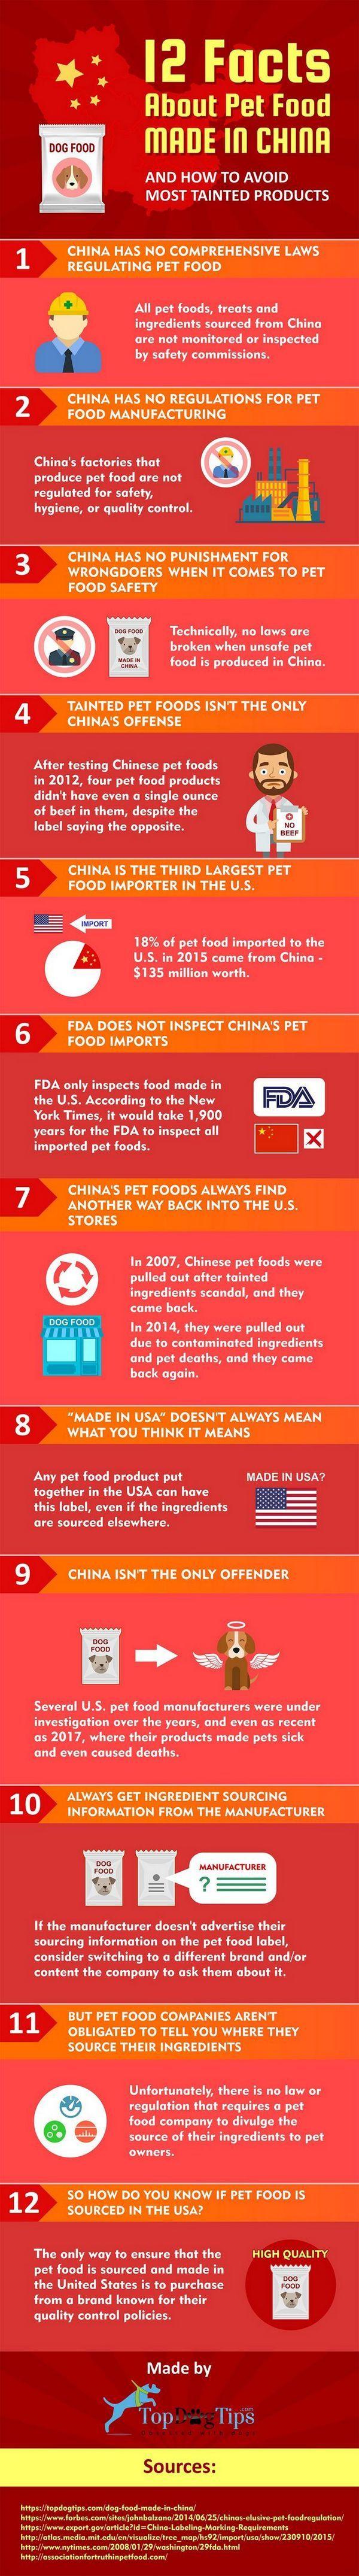 12 Fatti sul cibo per cani made in china [infografica]